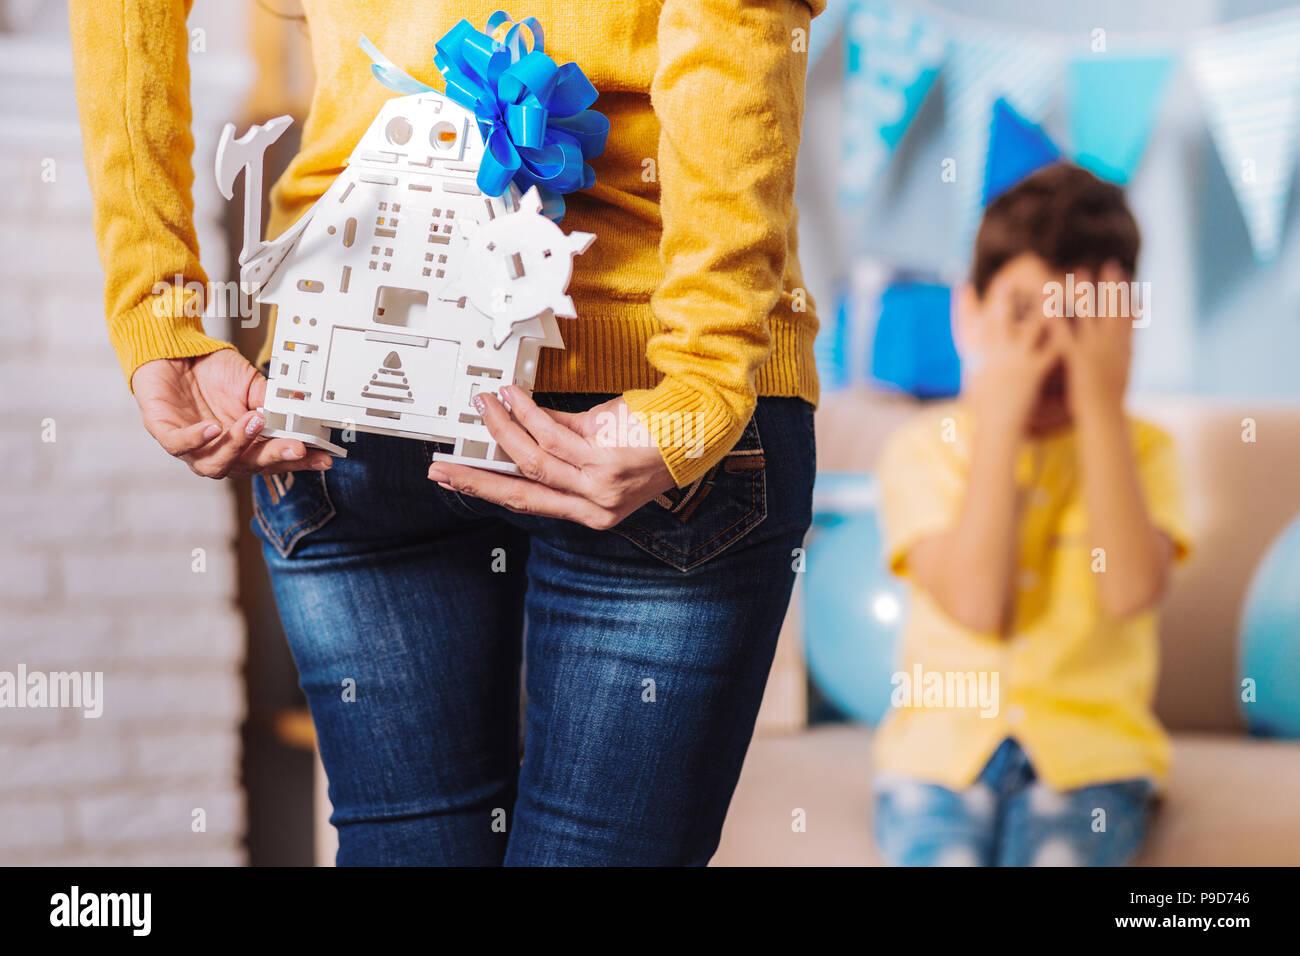 Cerca de mano femenina que la celebración de juguete Imagen De Stock